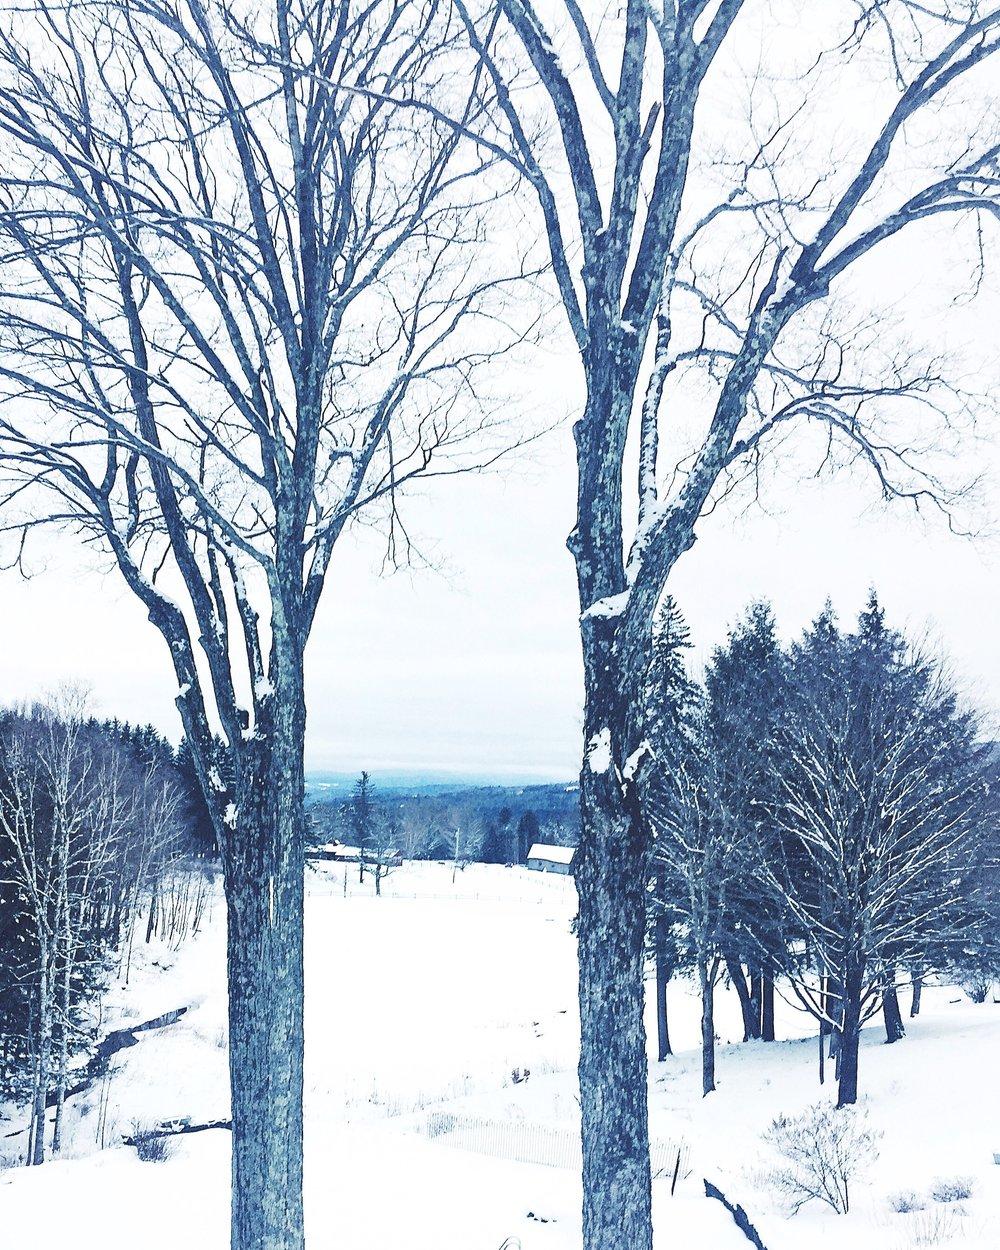 Stowe Vermont - January